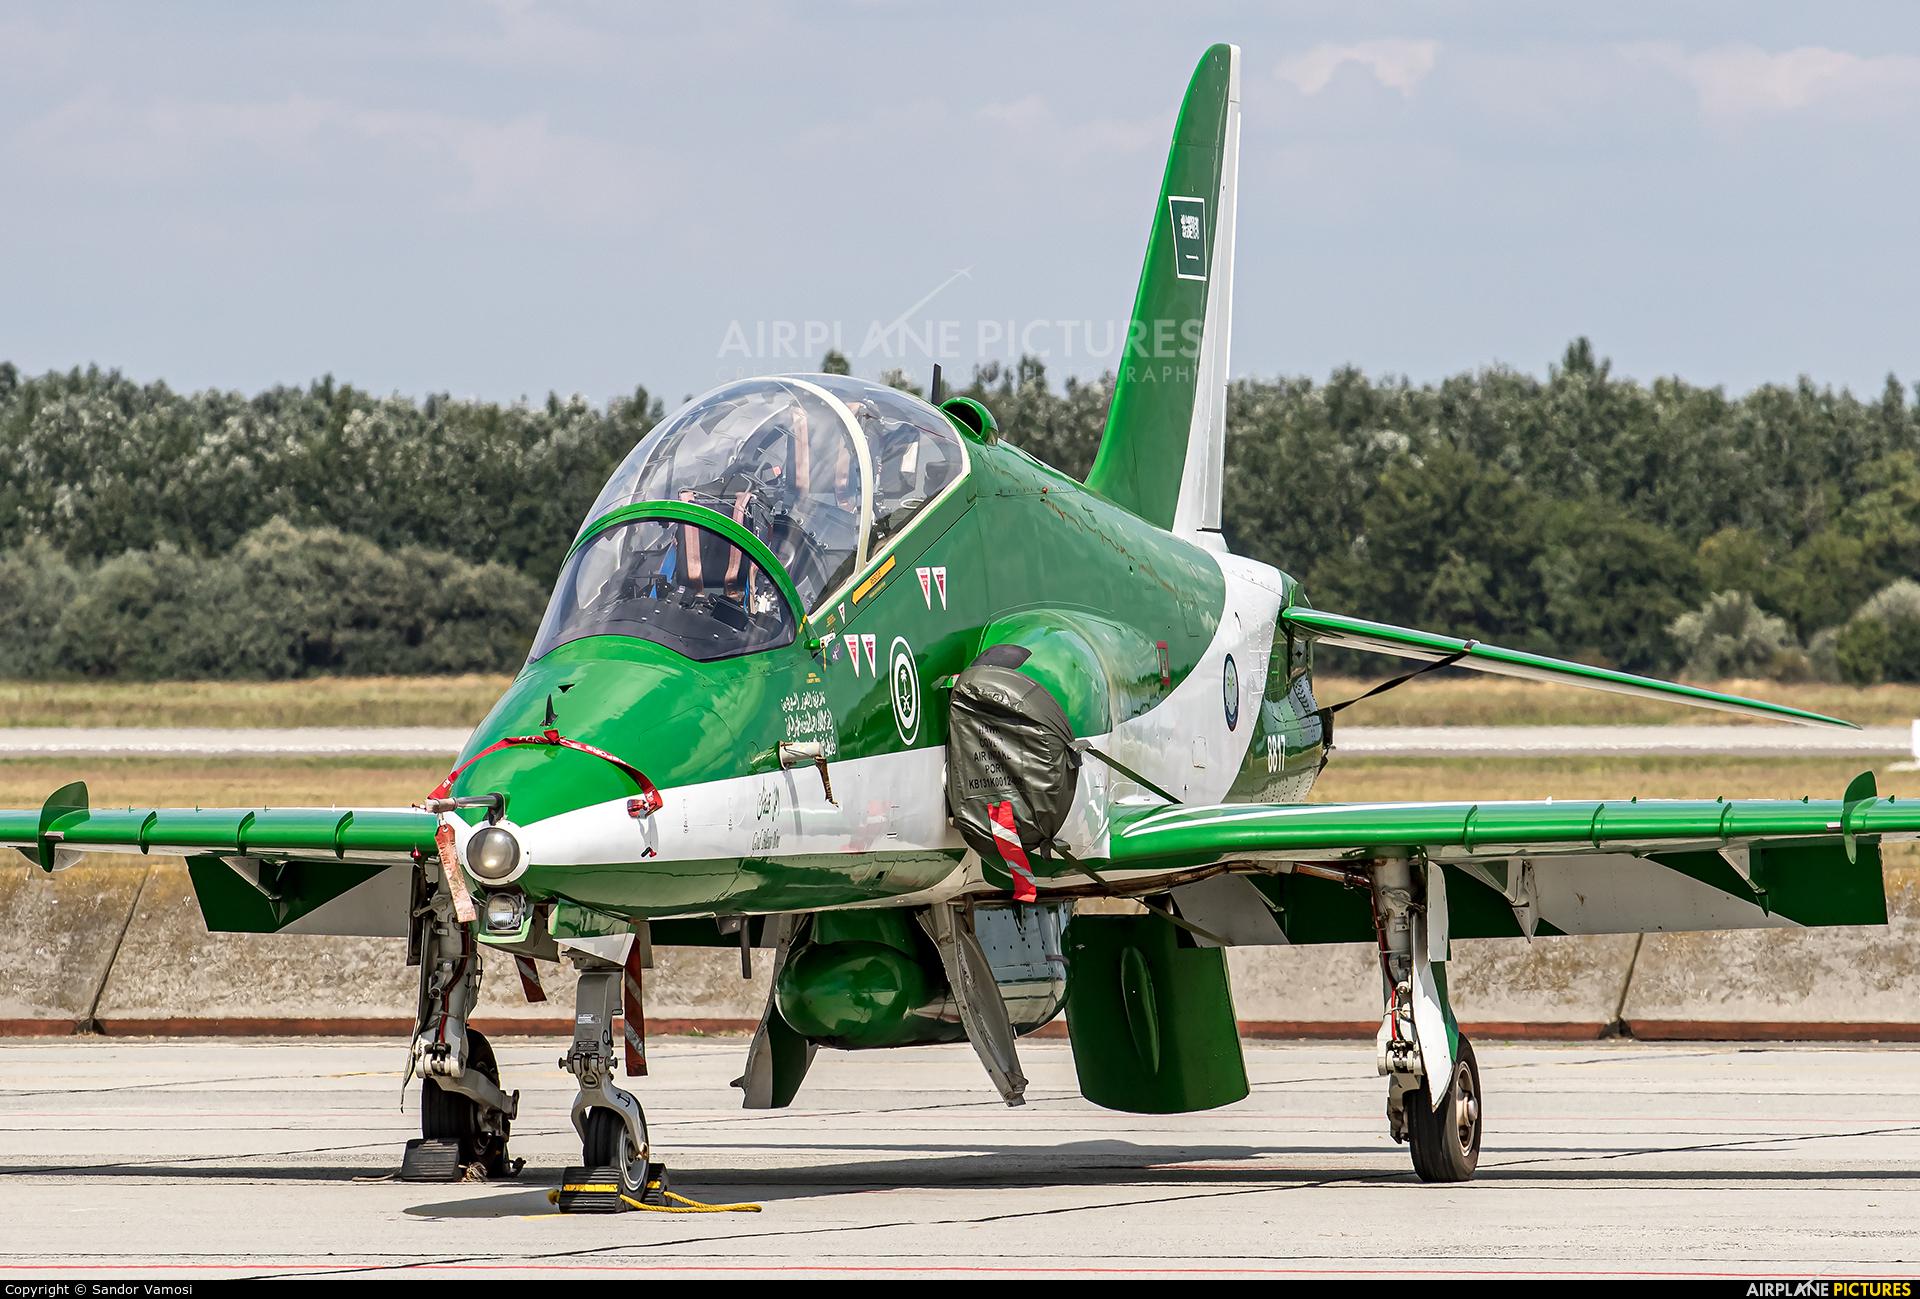 Saudi Arabia - Air Force 8817 aircraft at Kecskemét